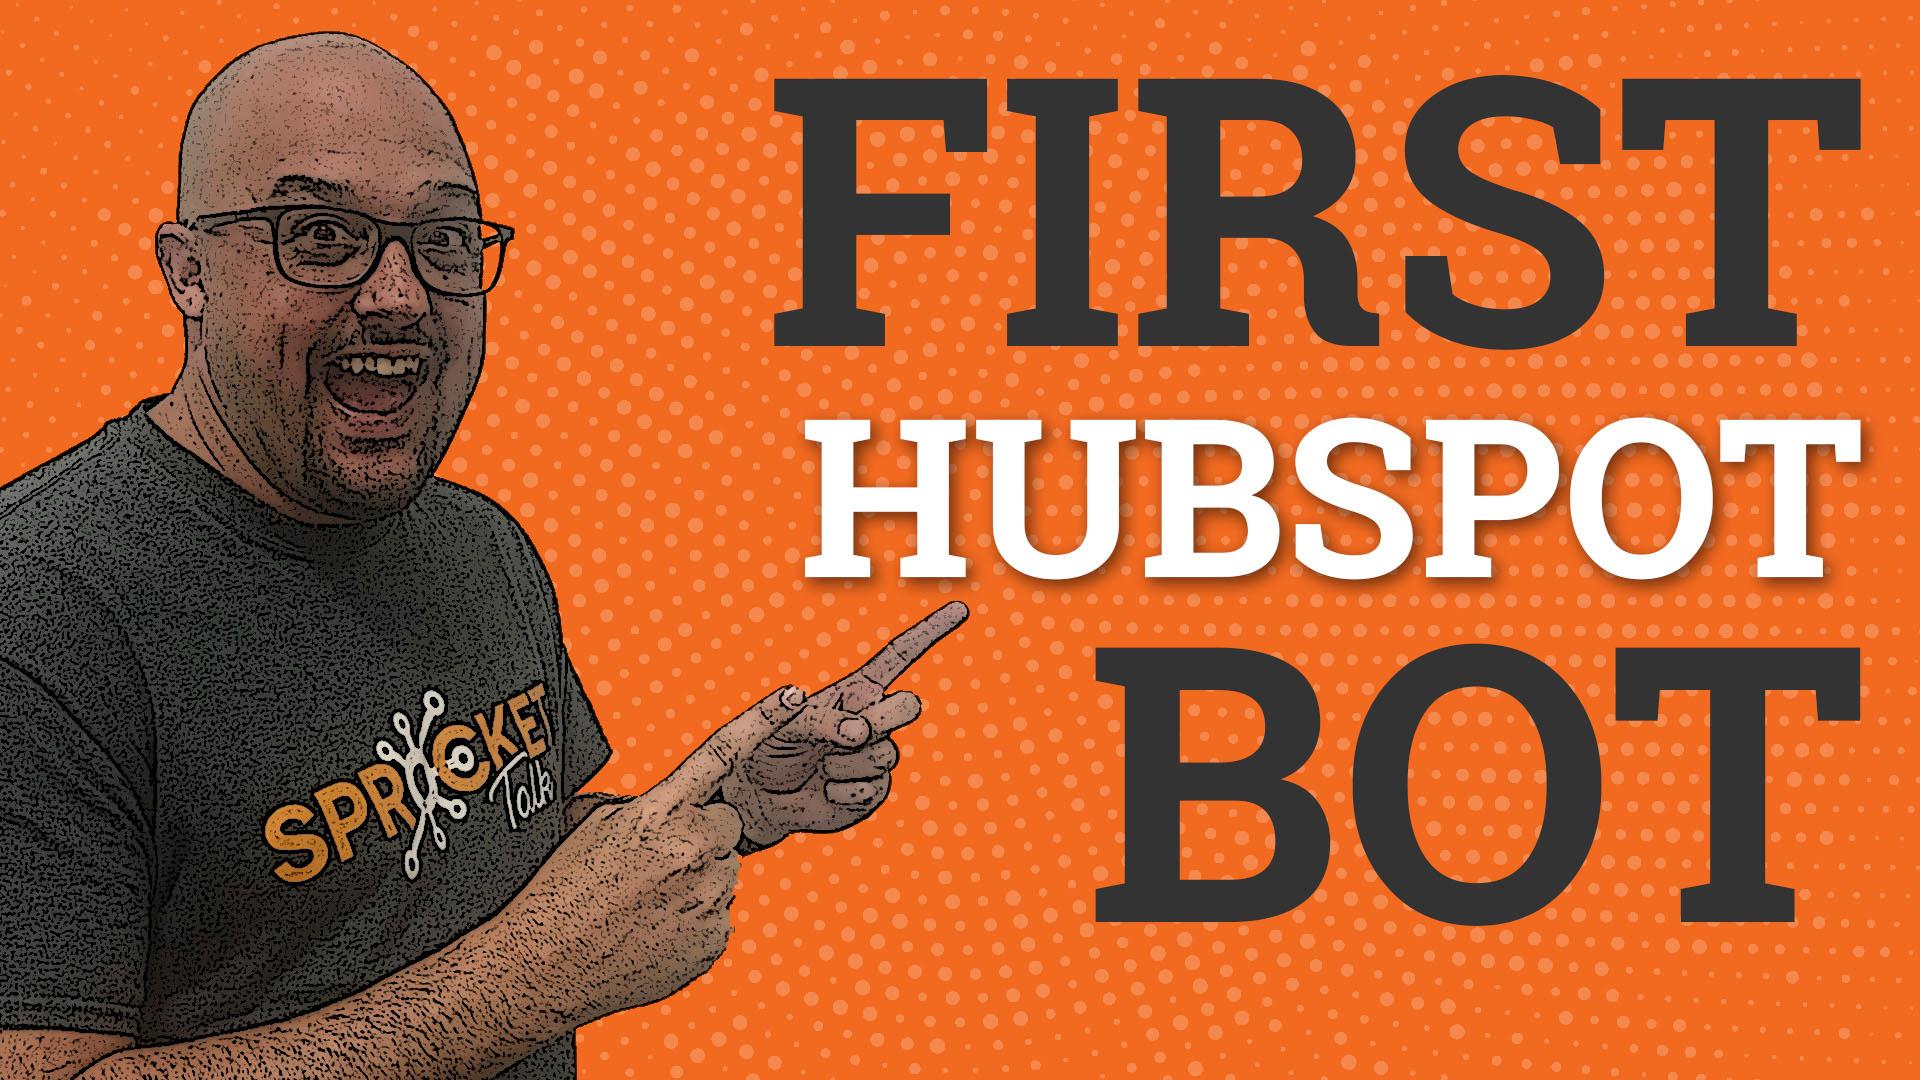 First HubSpot Bot